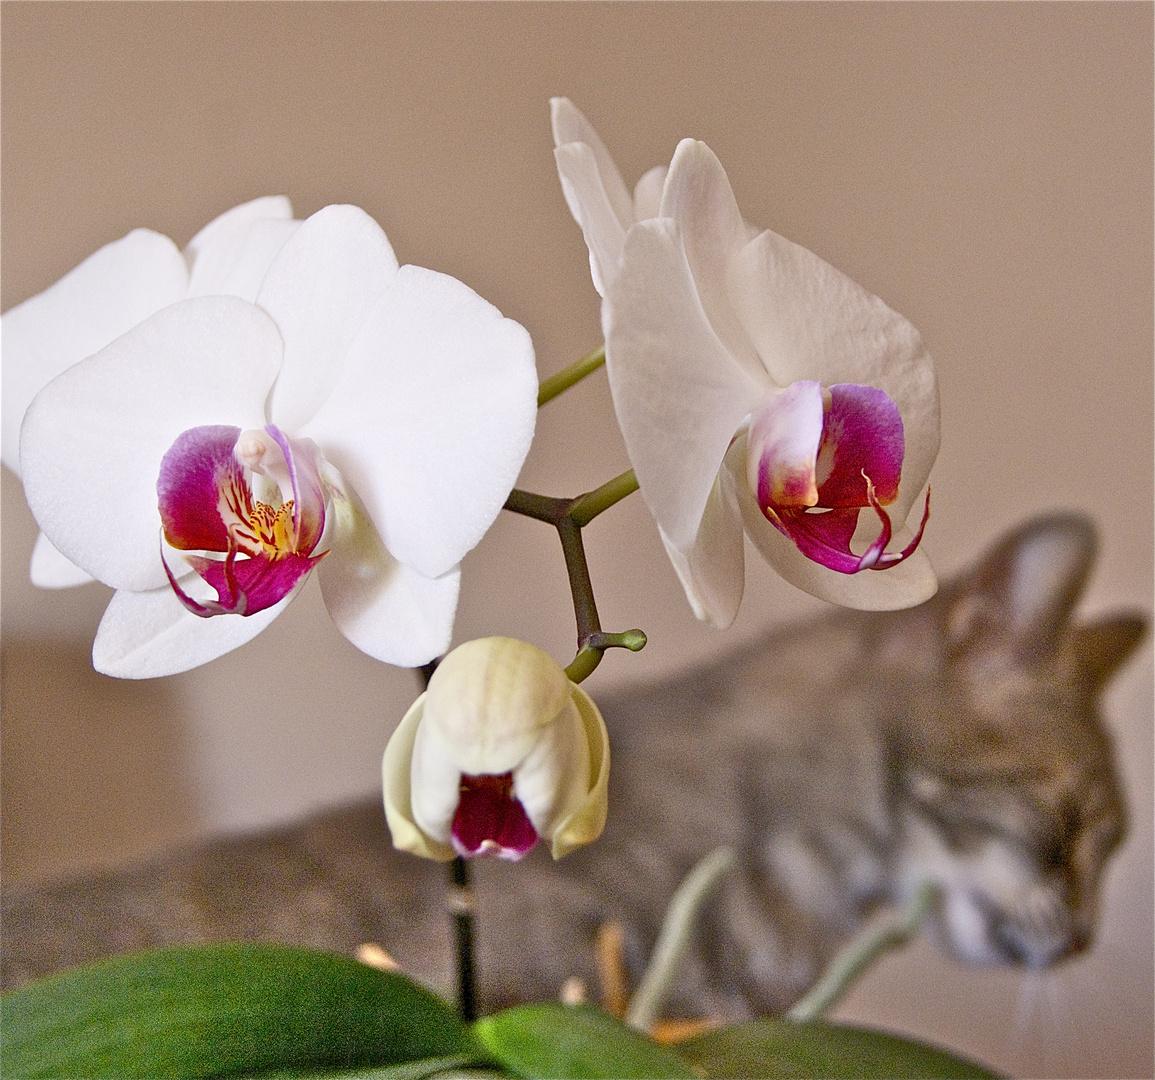 Colarse entre las orquídeas blancas